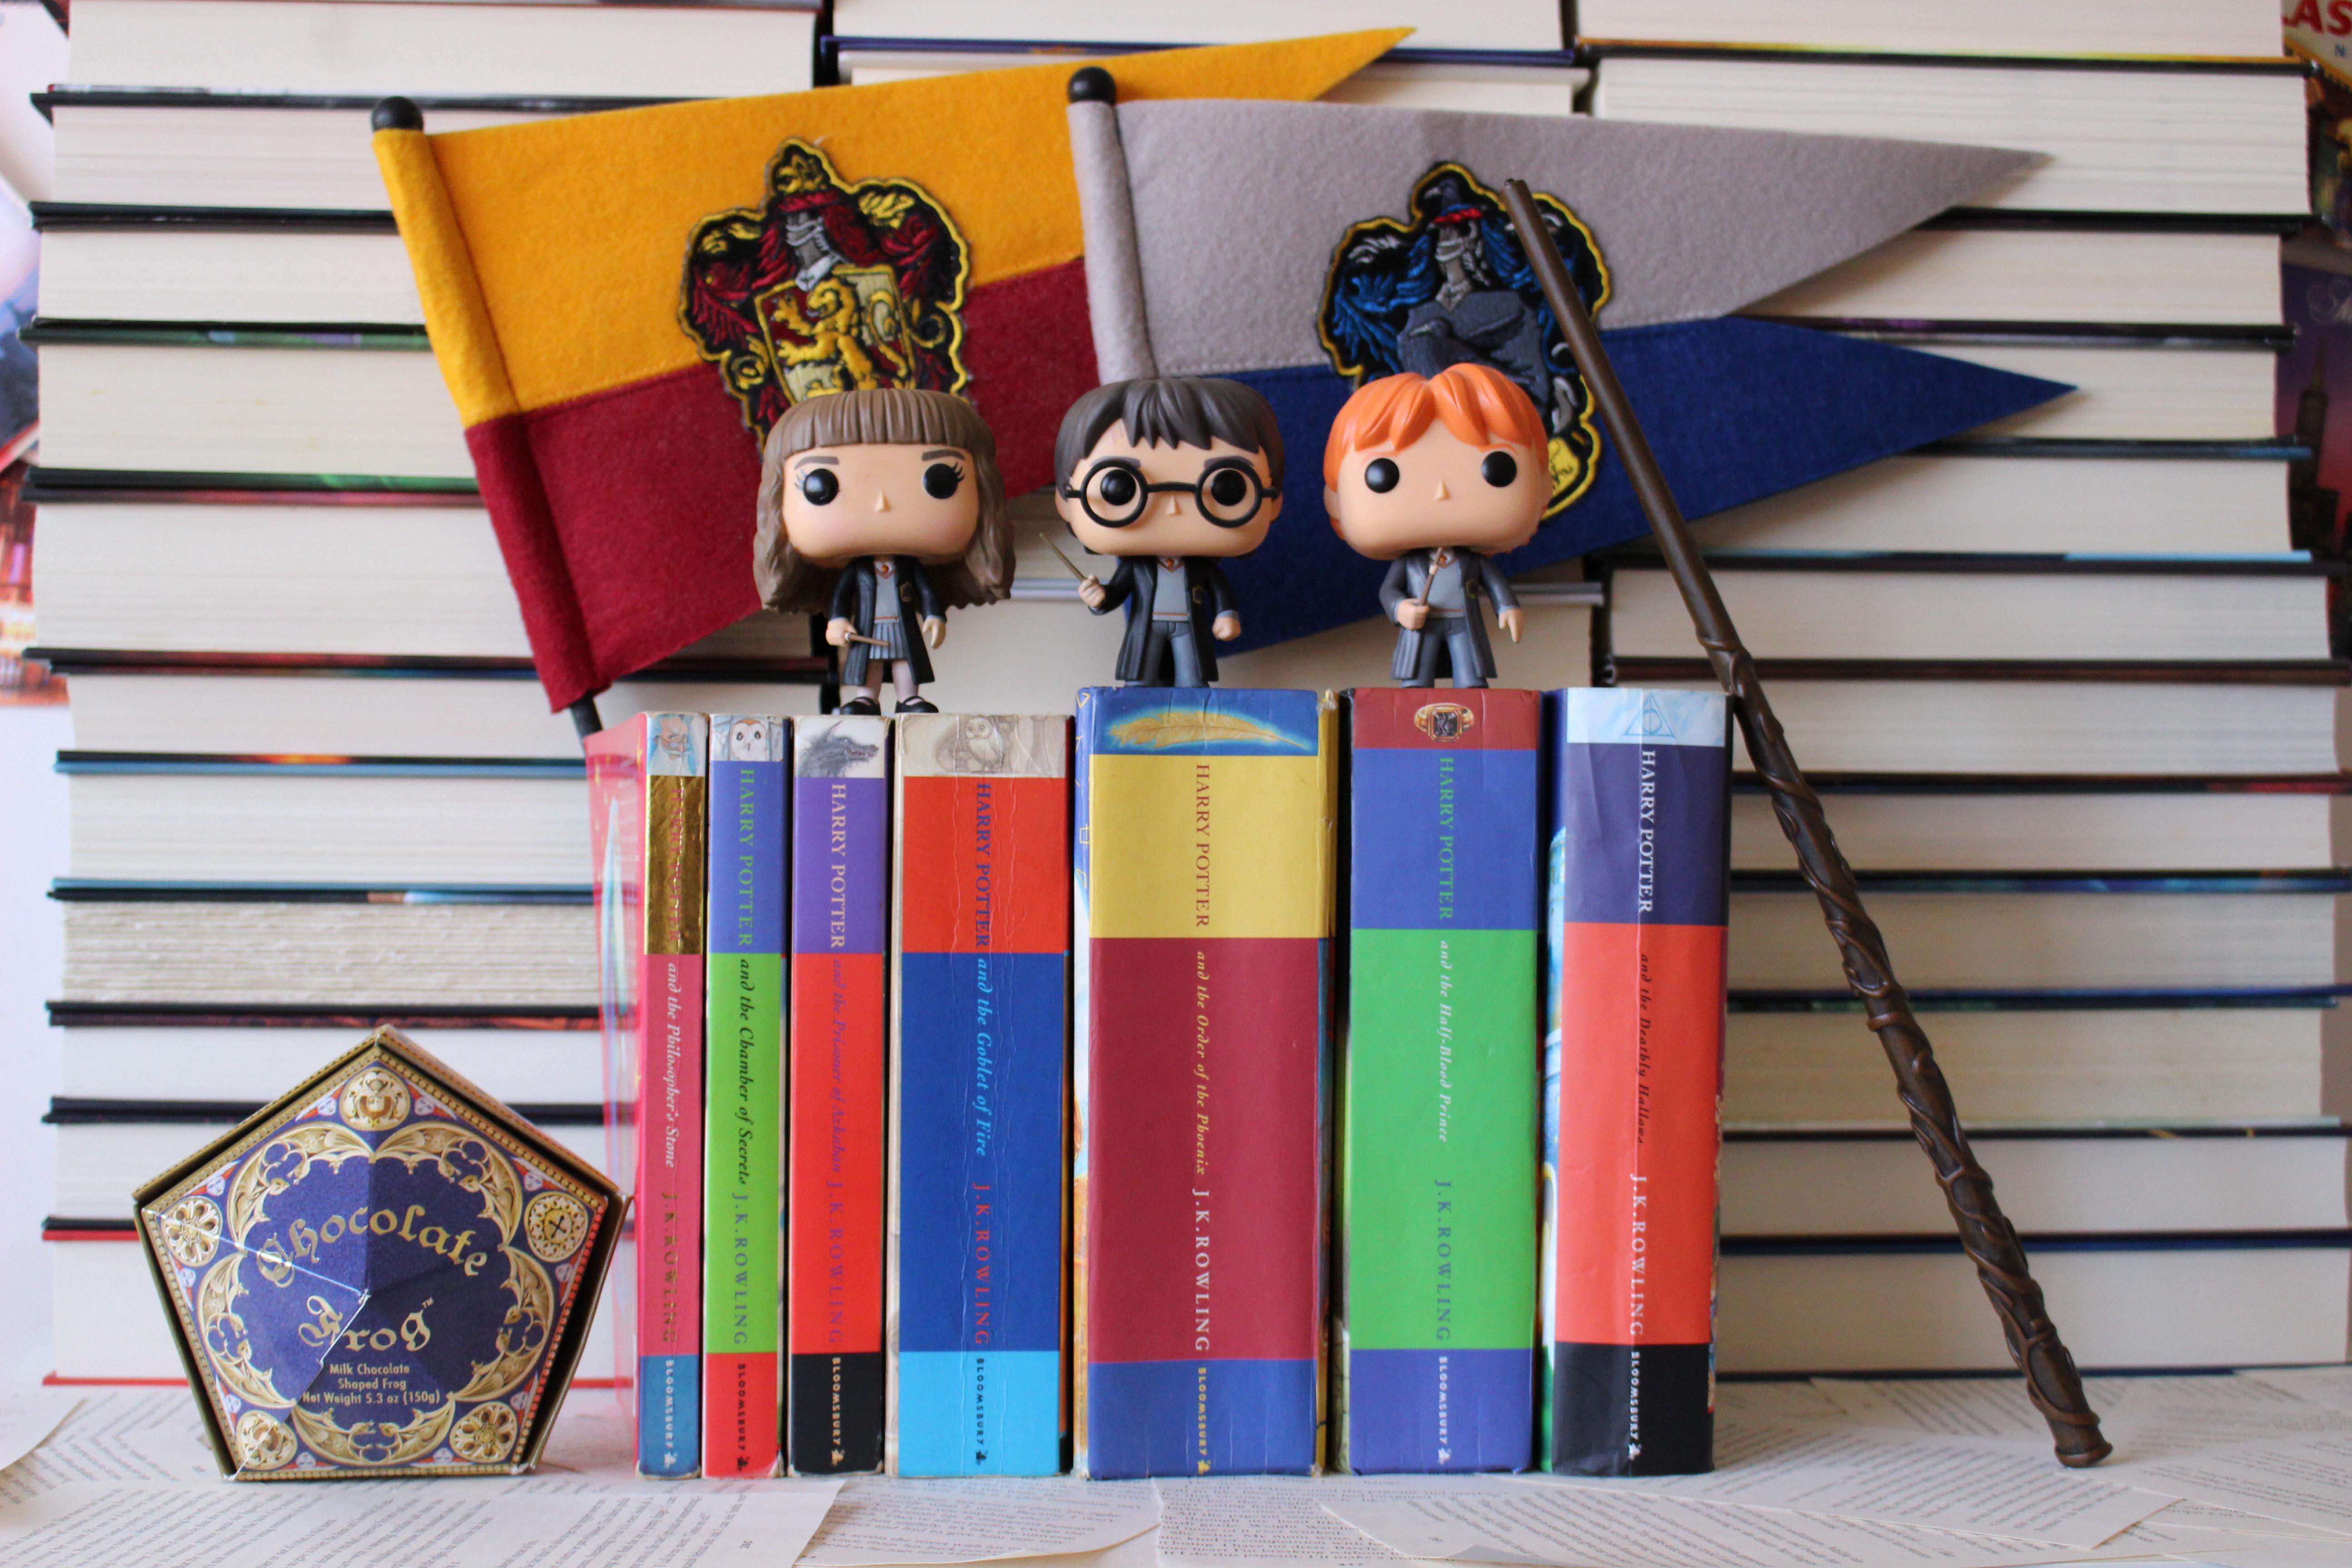 Tanaya's original Harry Potter series